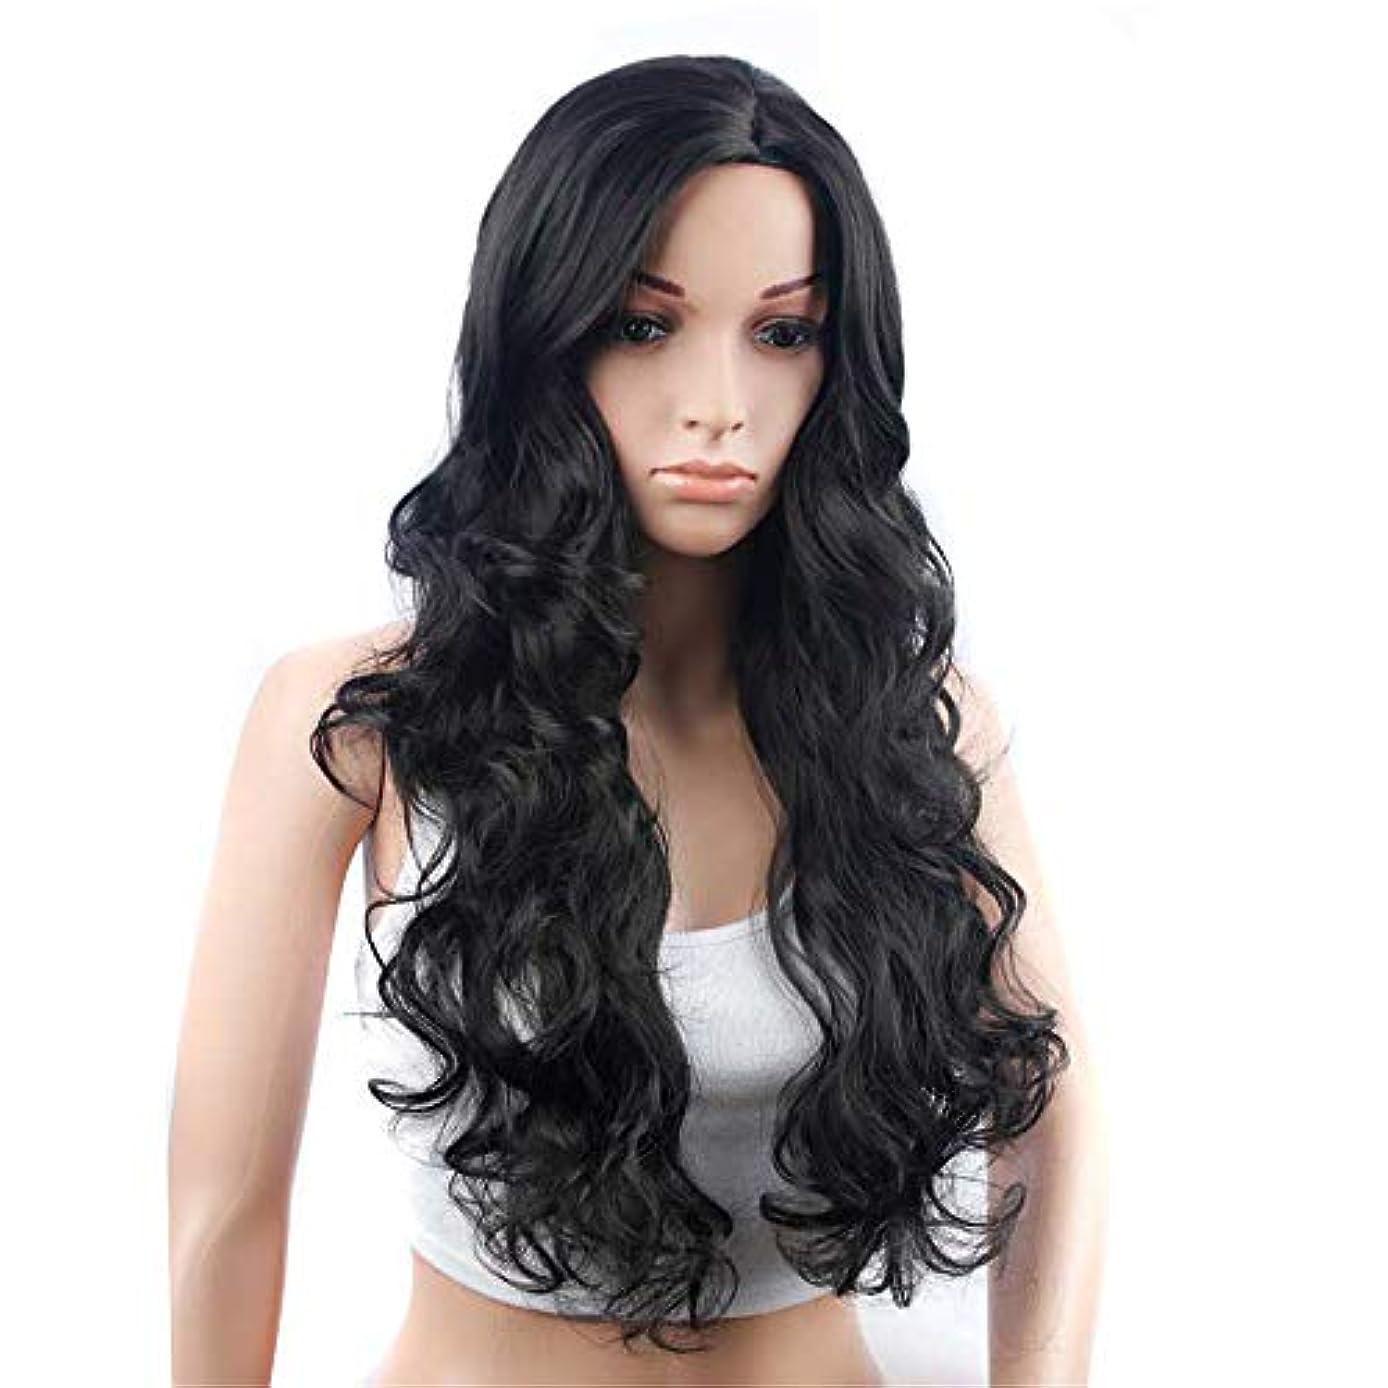 財産アレイ仮定、想定。推測ウィッグロングウェーブブラックカラーロングウェーブ人工毛高温繊維ヘアスタイル女性用髪の毛ナチュラルミドルパート耐熱ヘアプレイ、ハロウィン23インチ